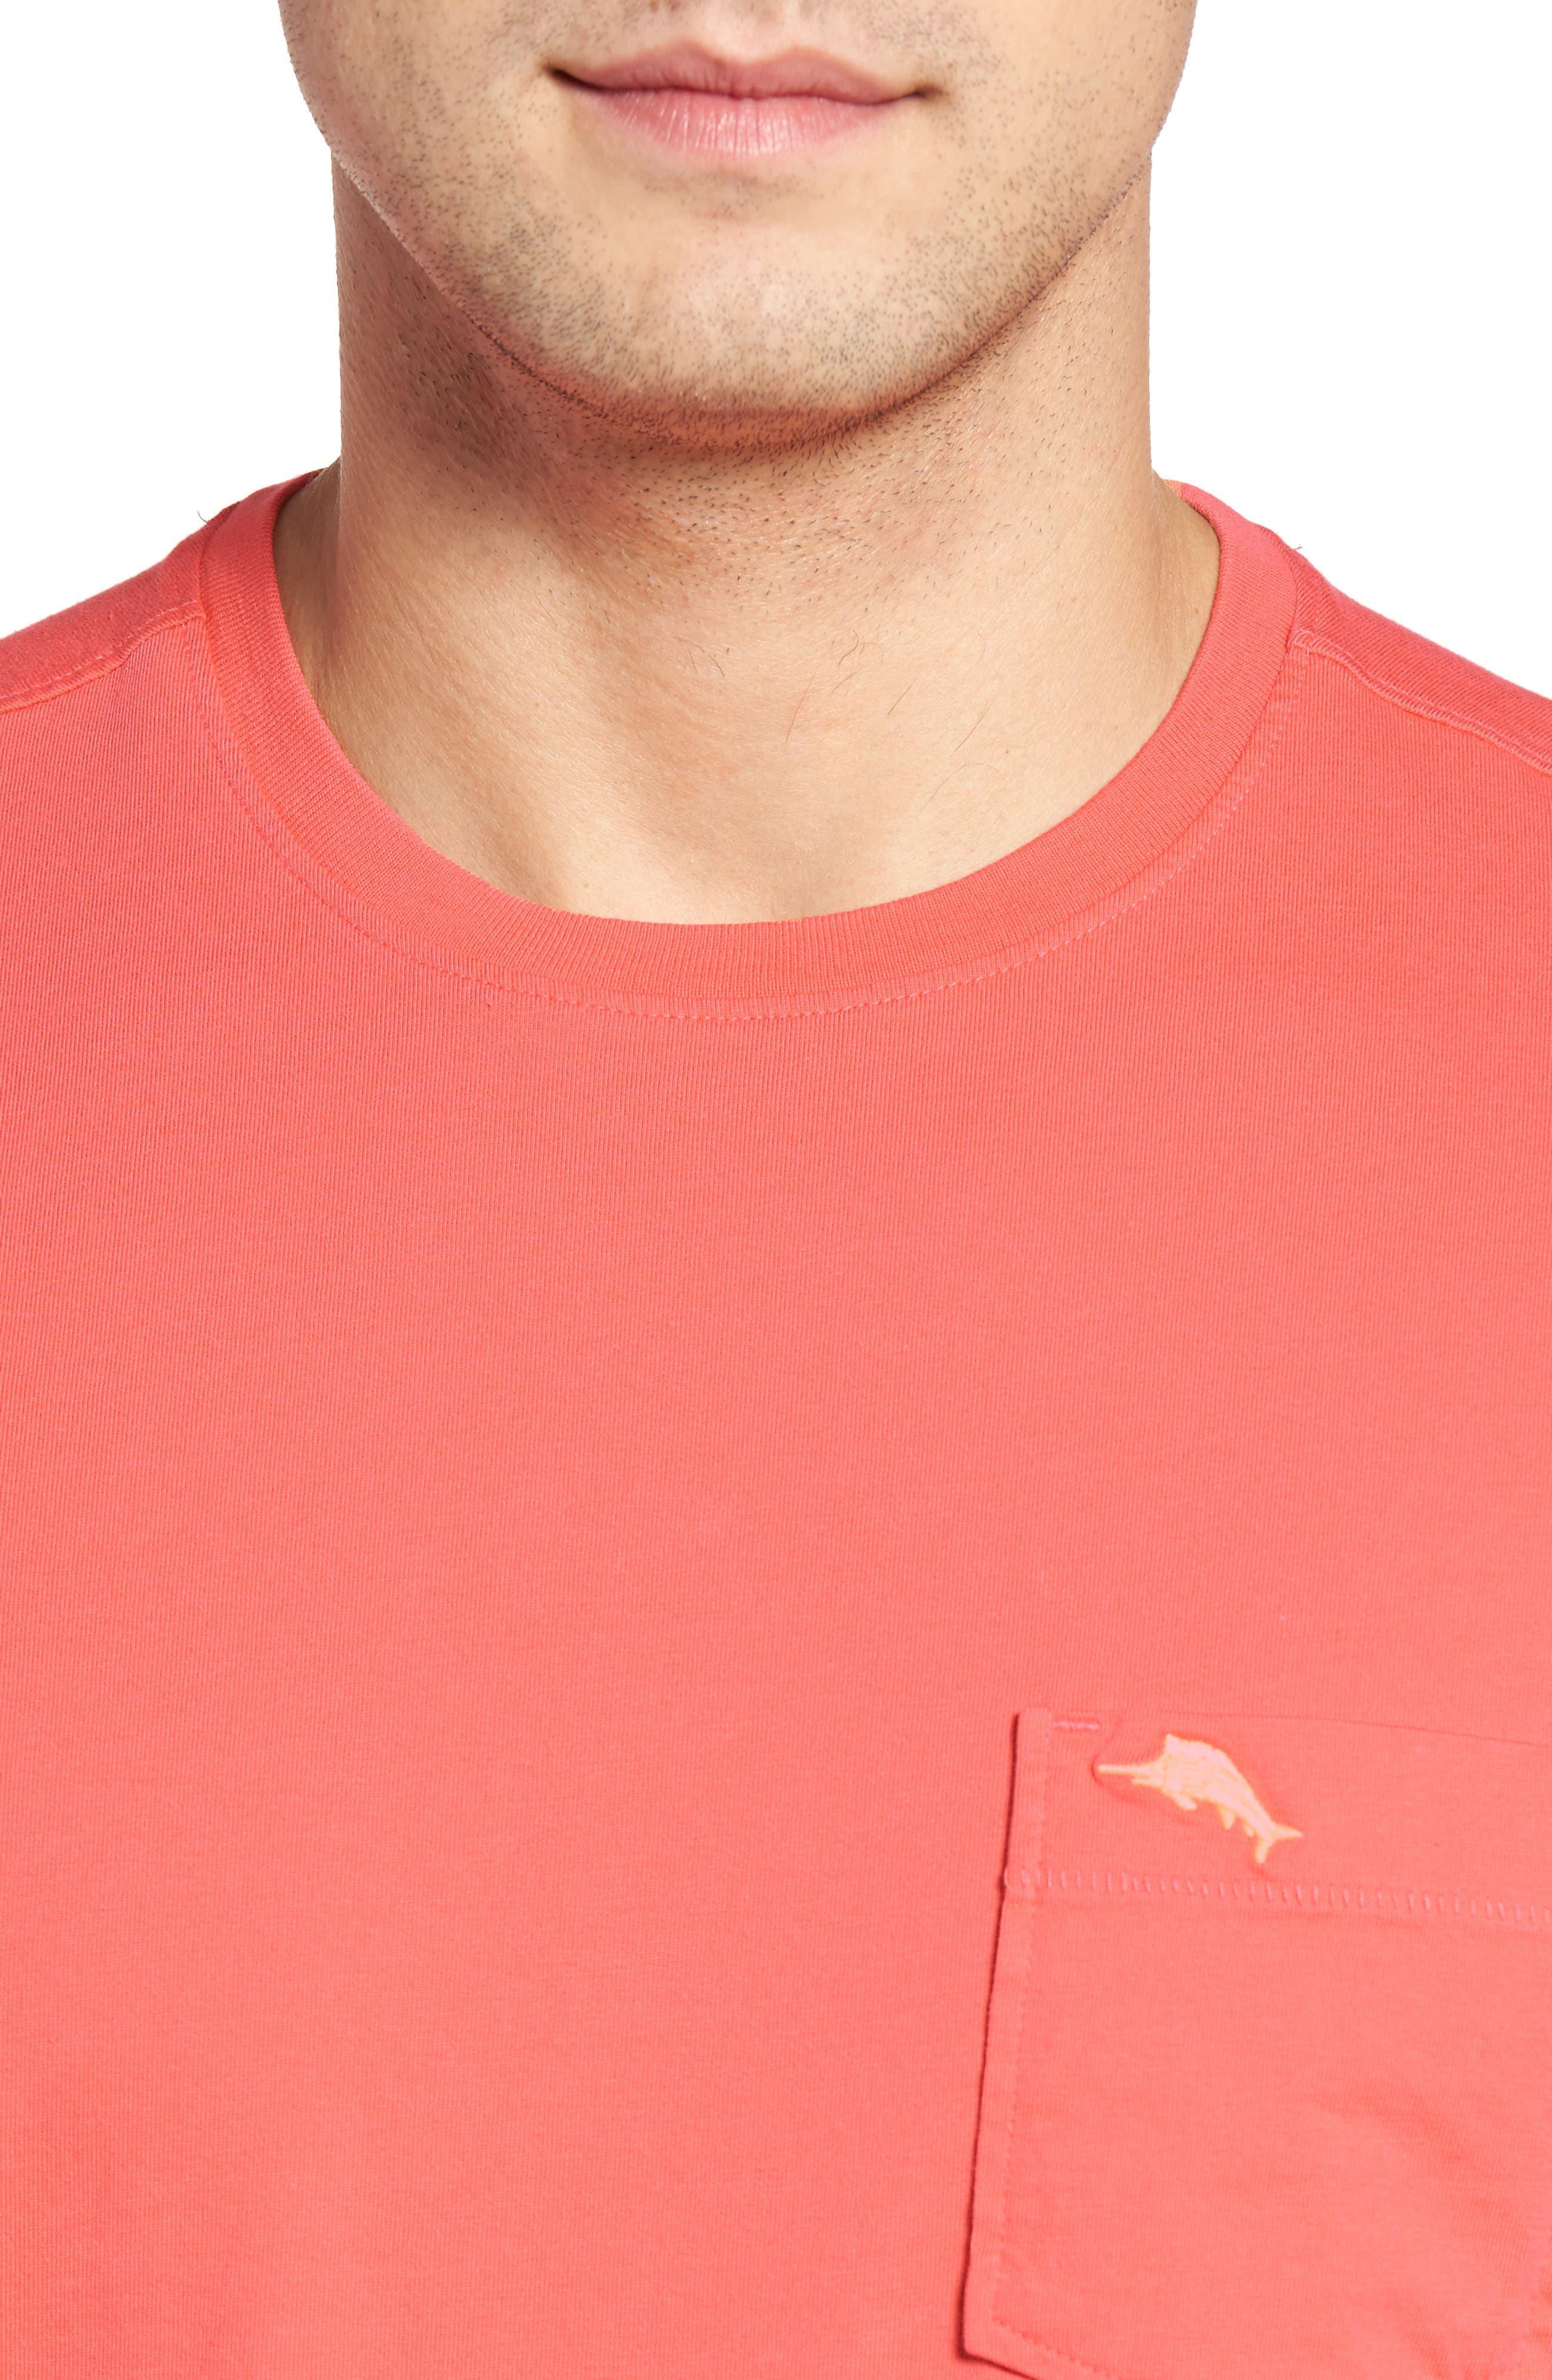 New Bali Sky Pima Cotton Pocket T-Shirt,                             Alternate thumbnail 111, color,